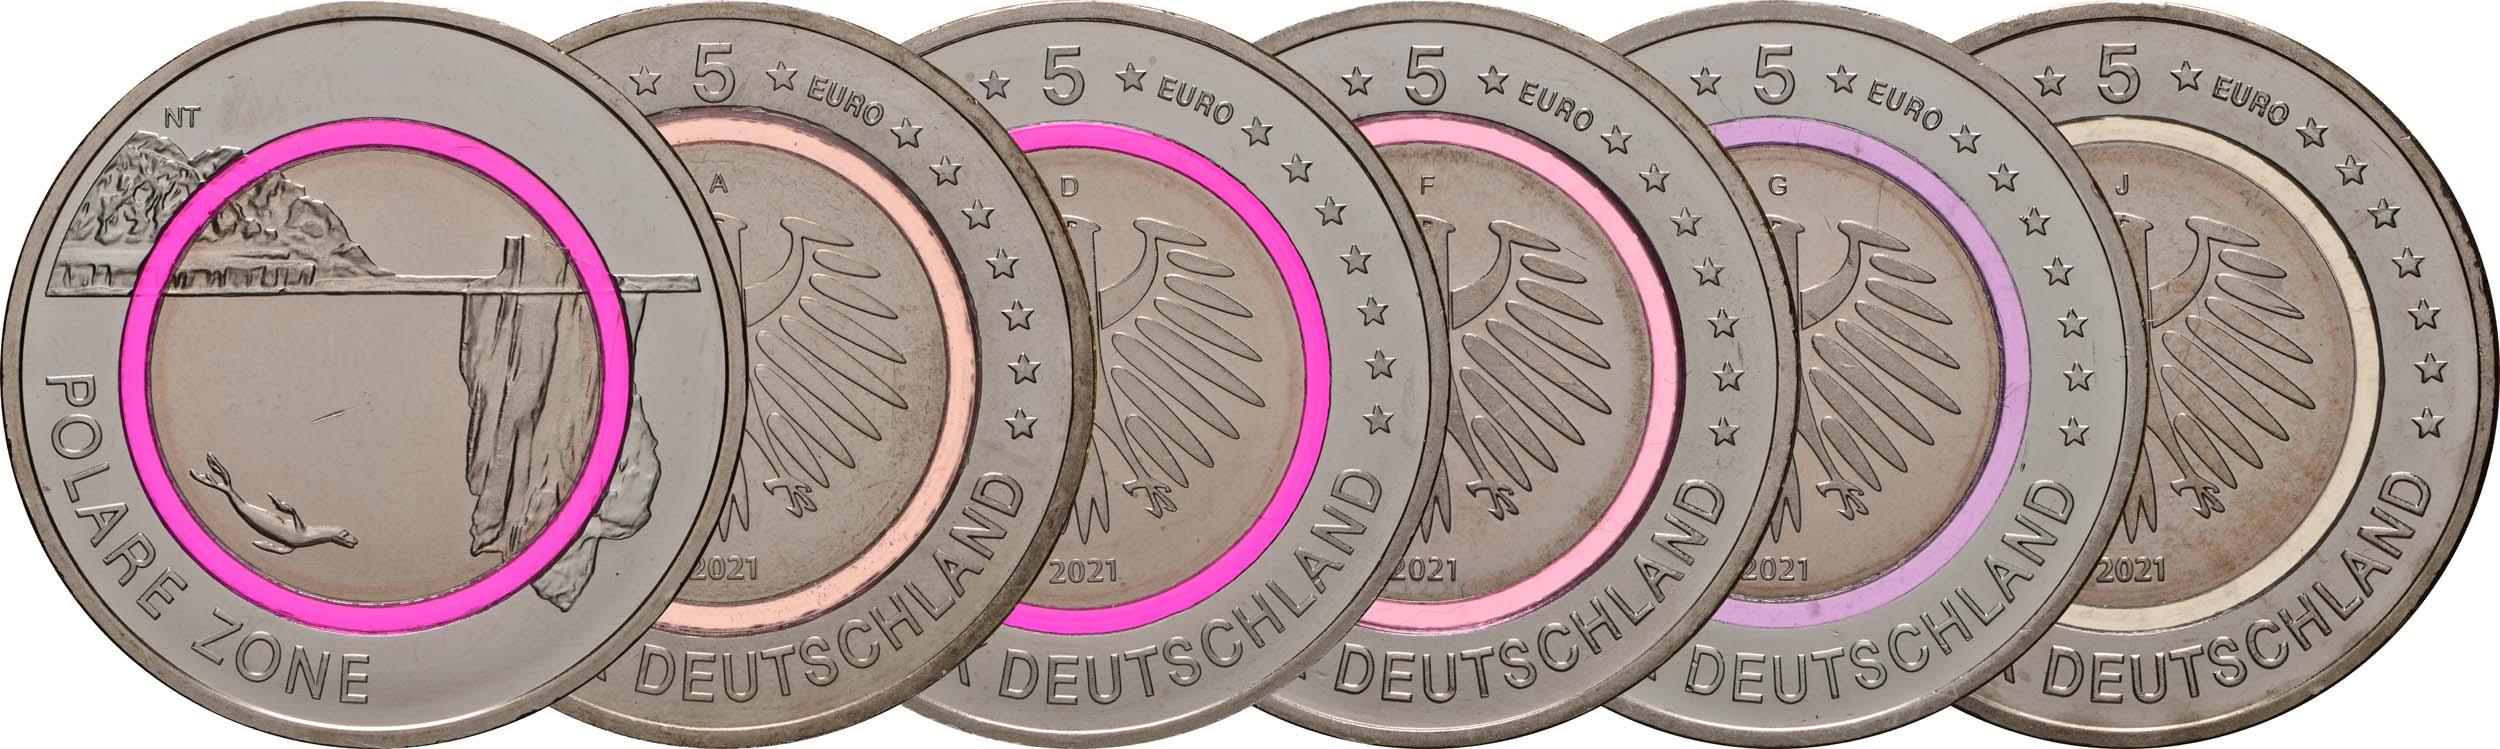 Lieferumfang:Deutschland : 5 Euro Polare Zone - violett Komplettsatz A-J  2021 bfr